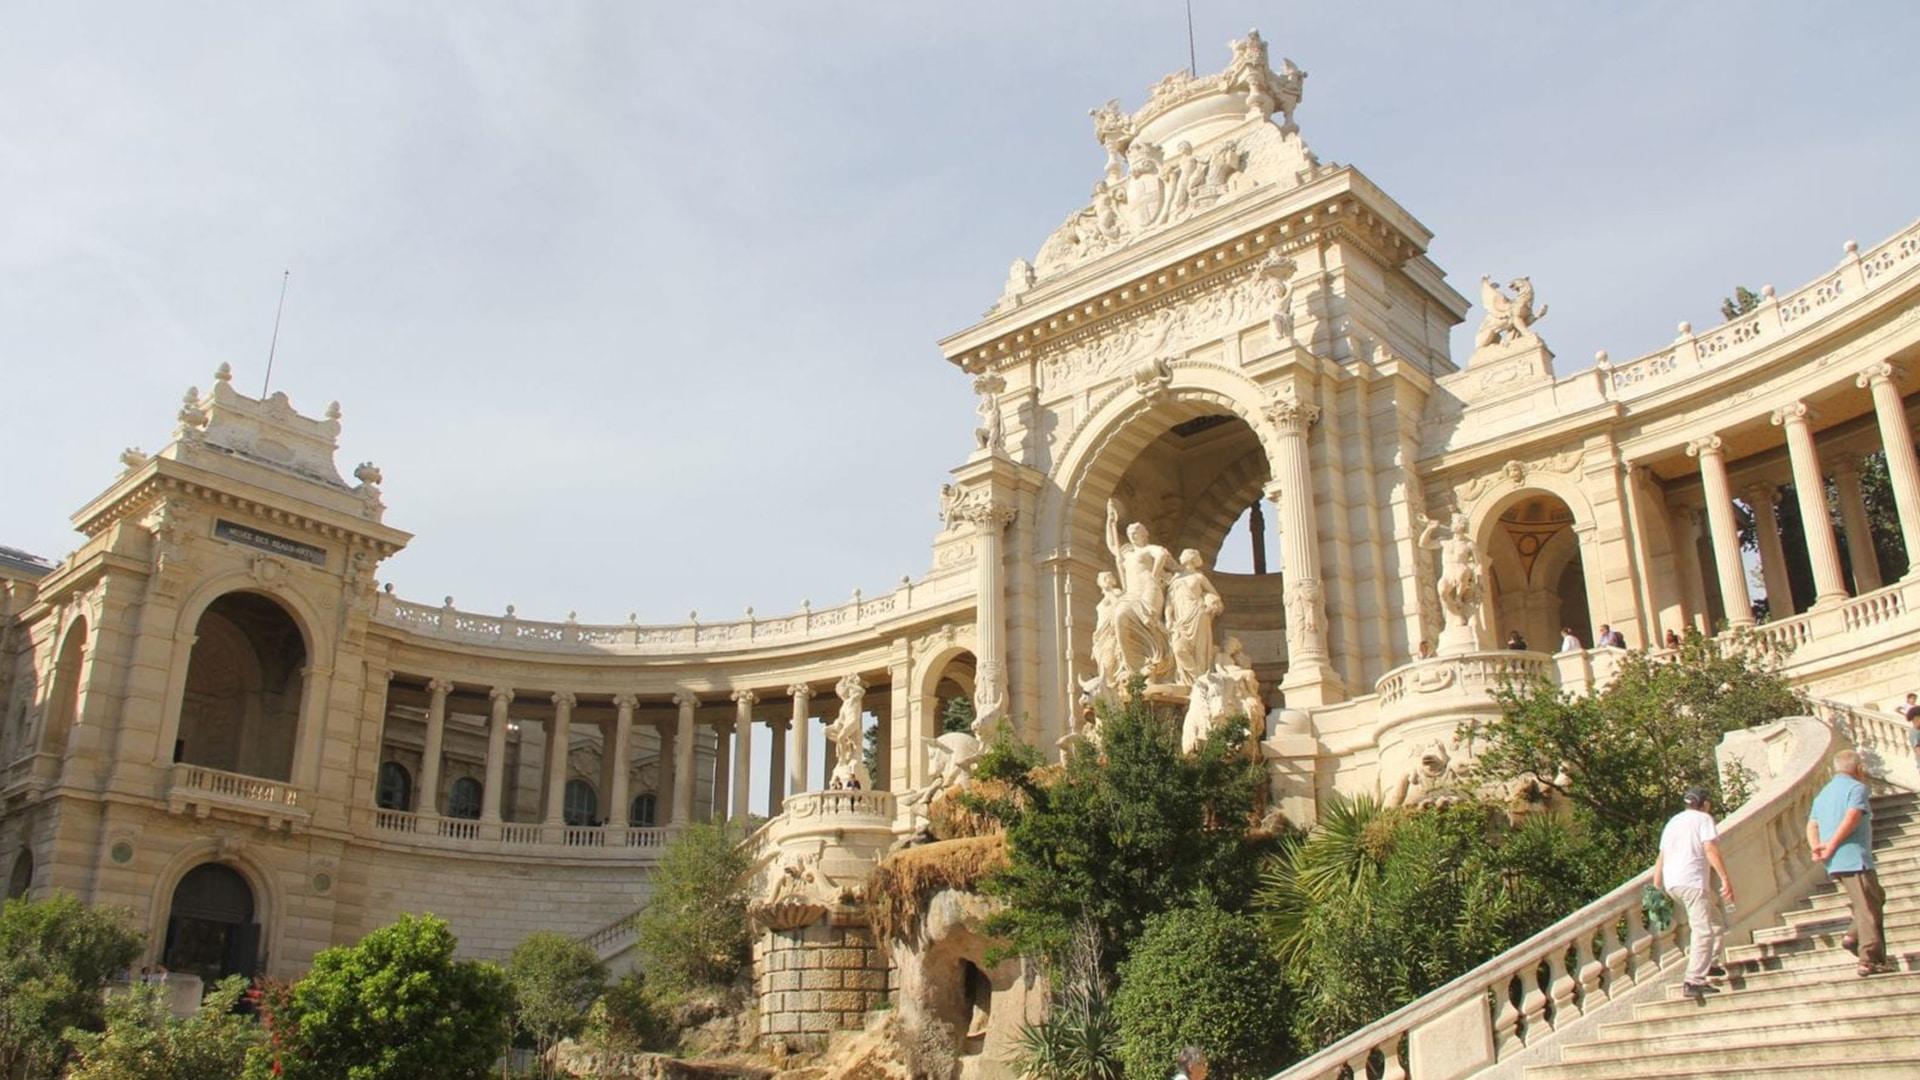 Le parc Longchamp est l'un des endroits les plus beaux et les plus touristiques de Marseille